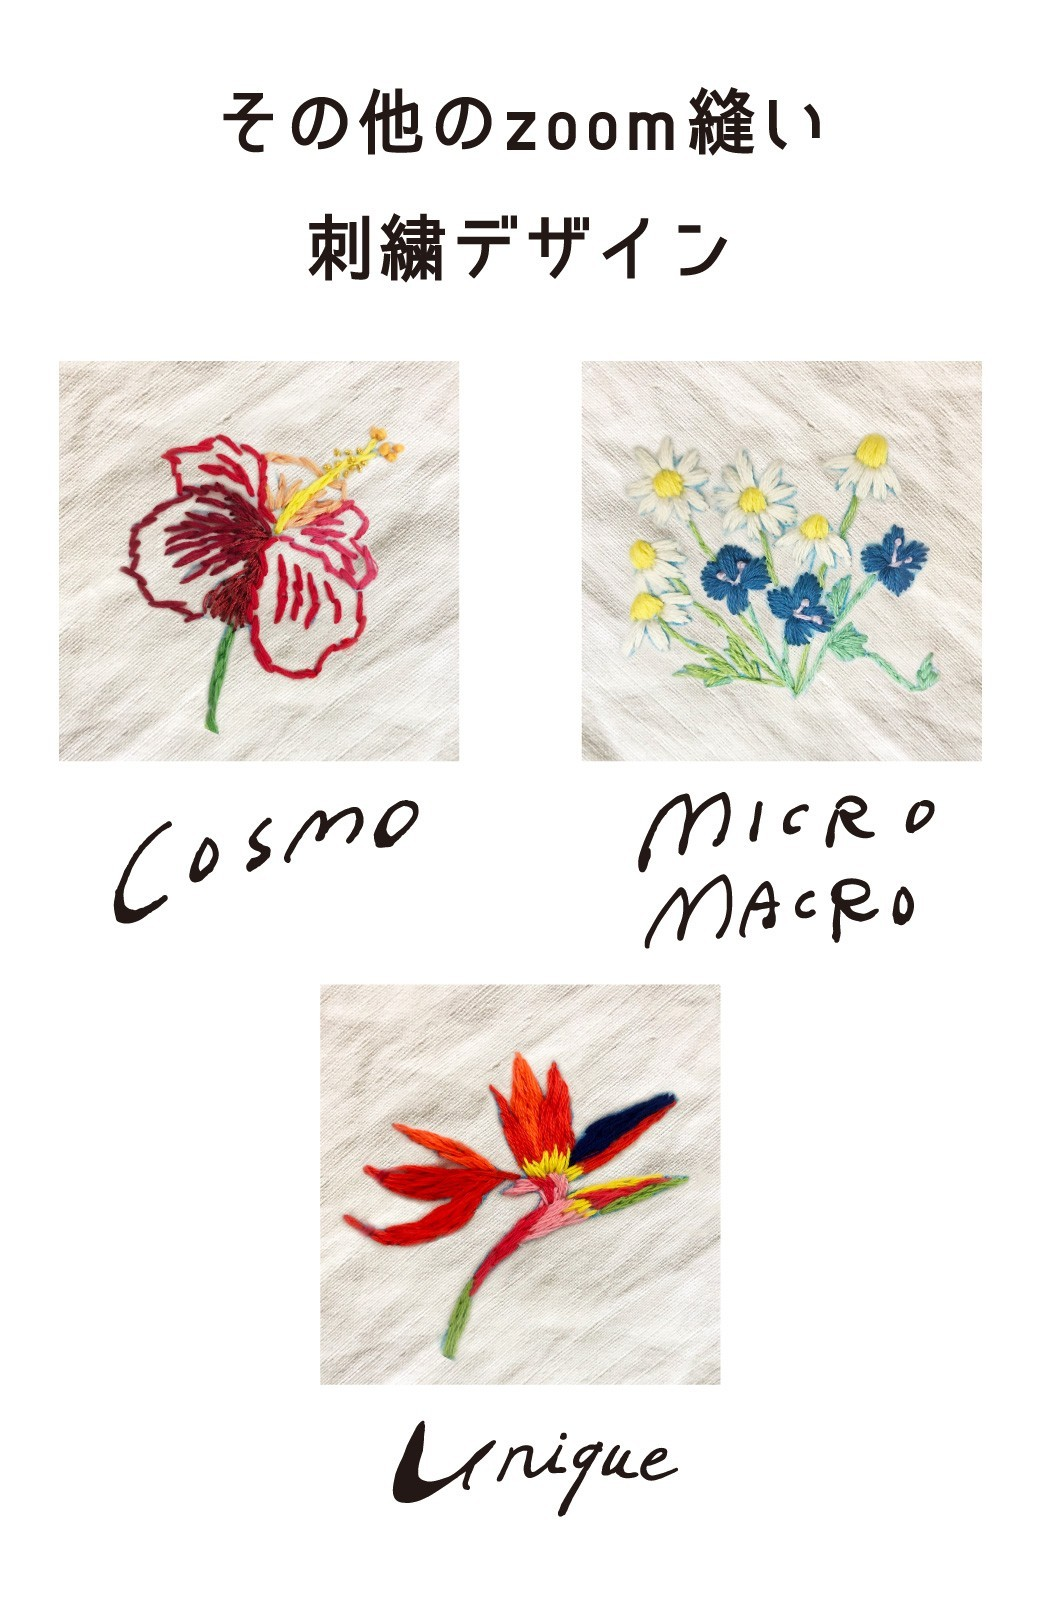 haco! haco! [haco! POST] 刺繍アーティスト二宮佐和子さんとみんなでワイワイ刺繍!zoom縫いワークショップ参加チケット 6/28・7/1開催<eros> <その他>の商品写真8